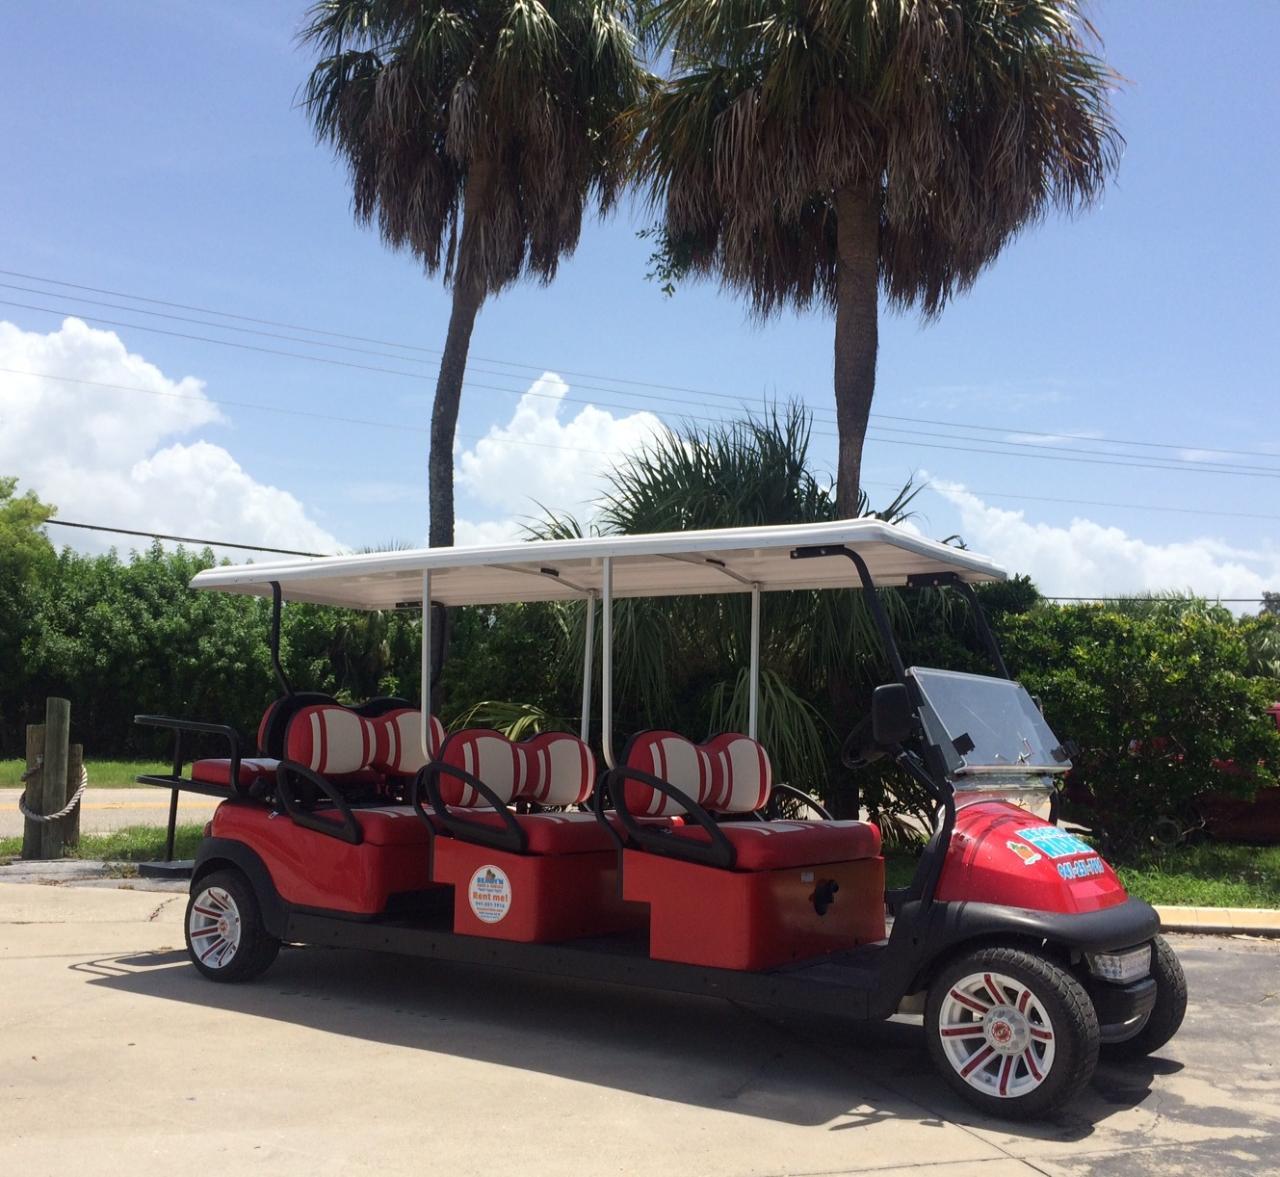 8 Passenger Street Legal Golf Cart Rental (Gas Powered ...